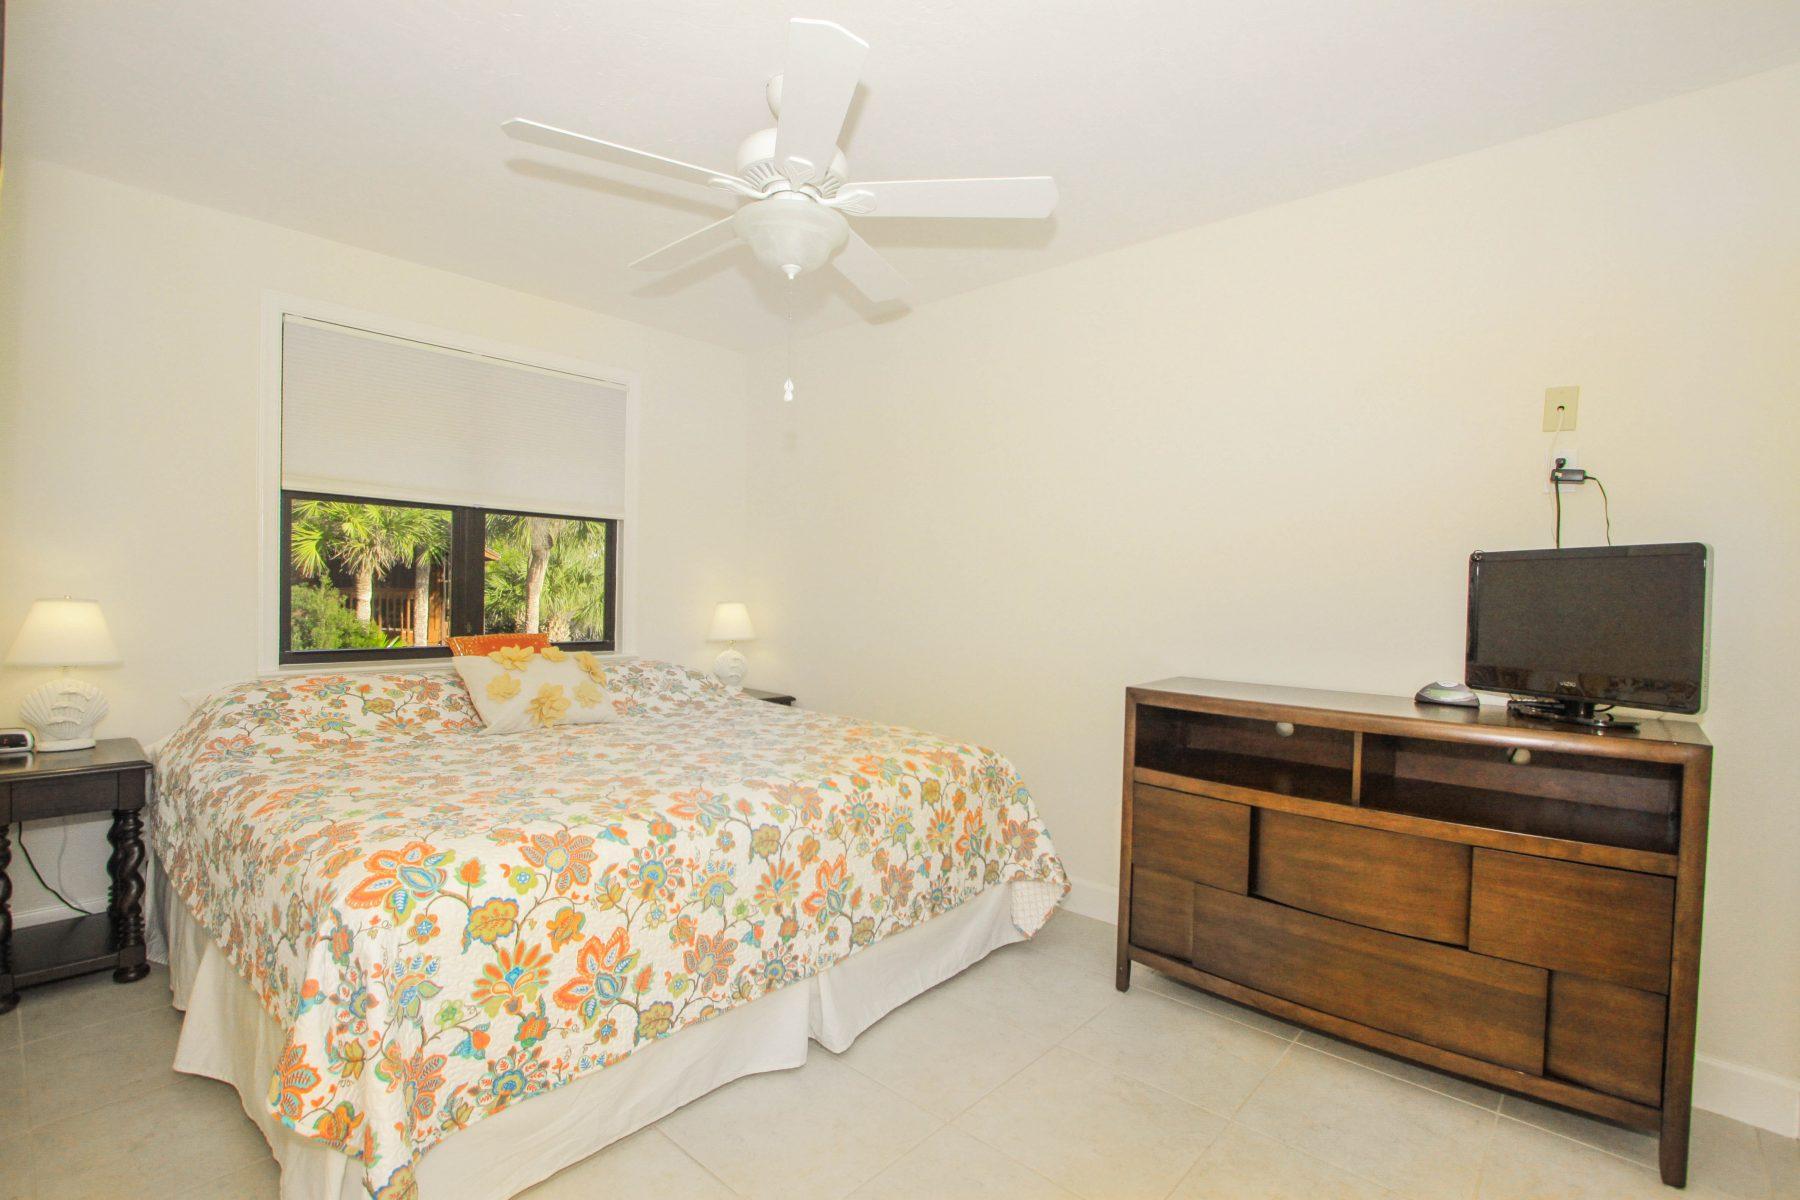 Room 12 - Bedroom